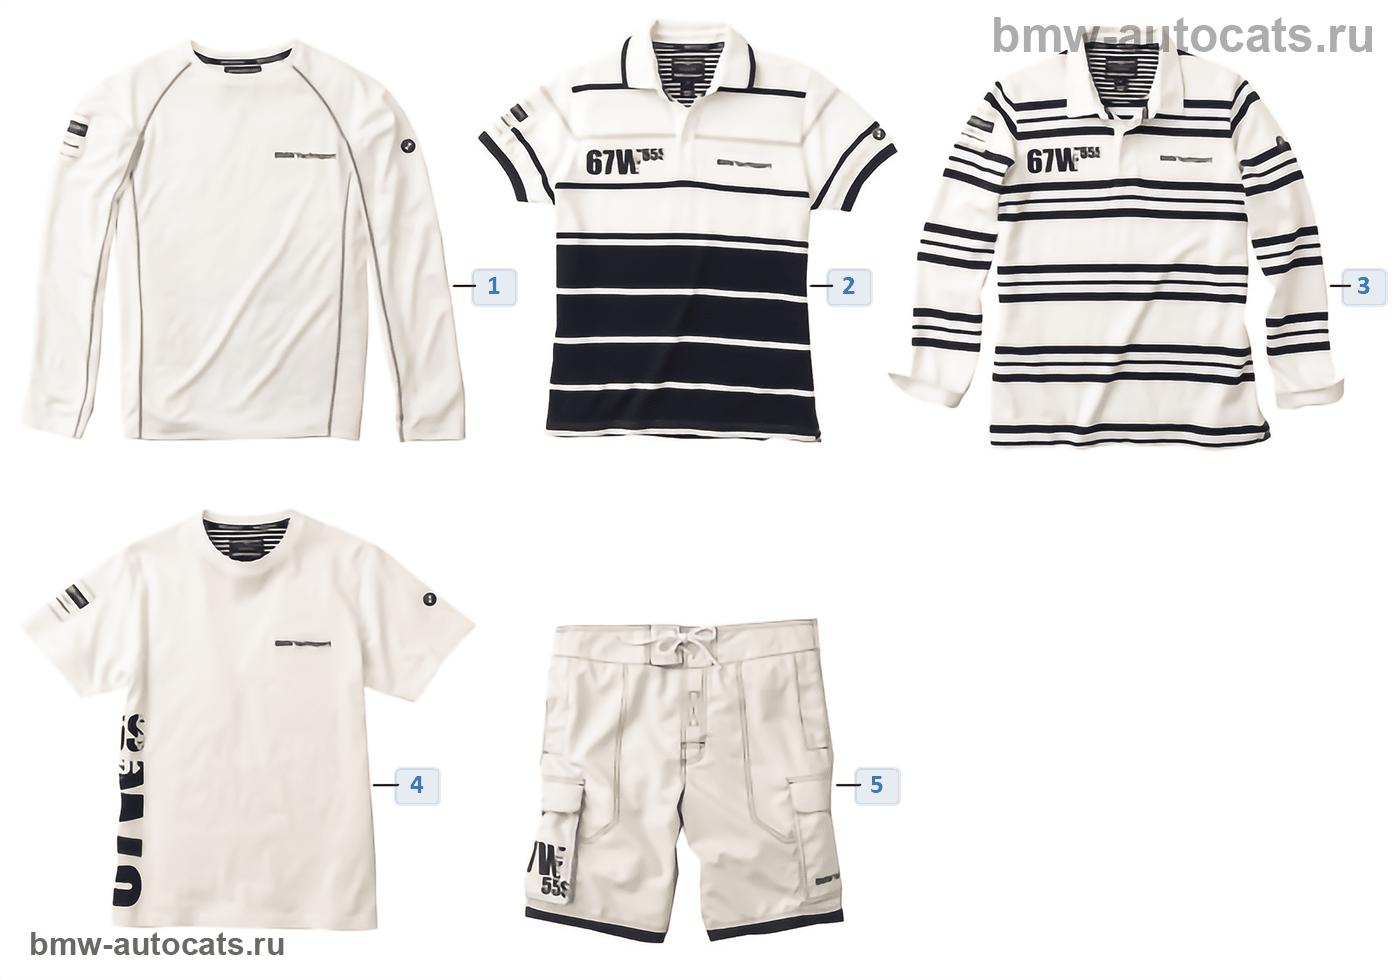 Yachtsport-Мужск.рубашки/шорты 2013/14